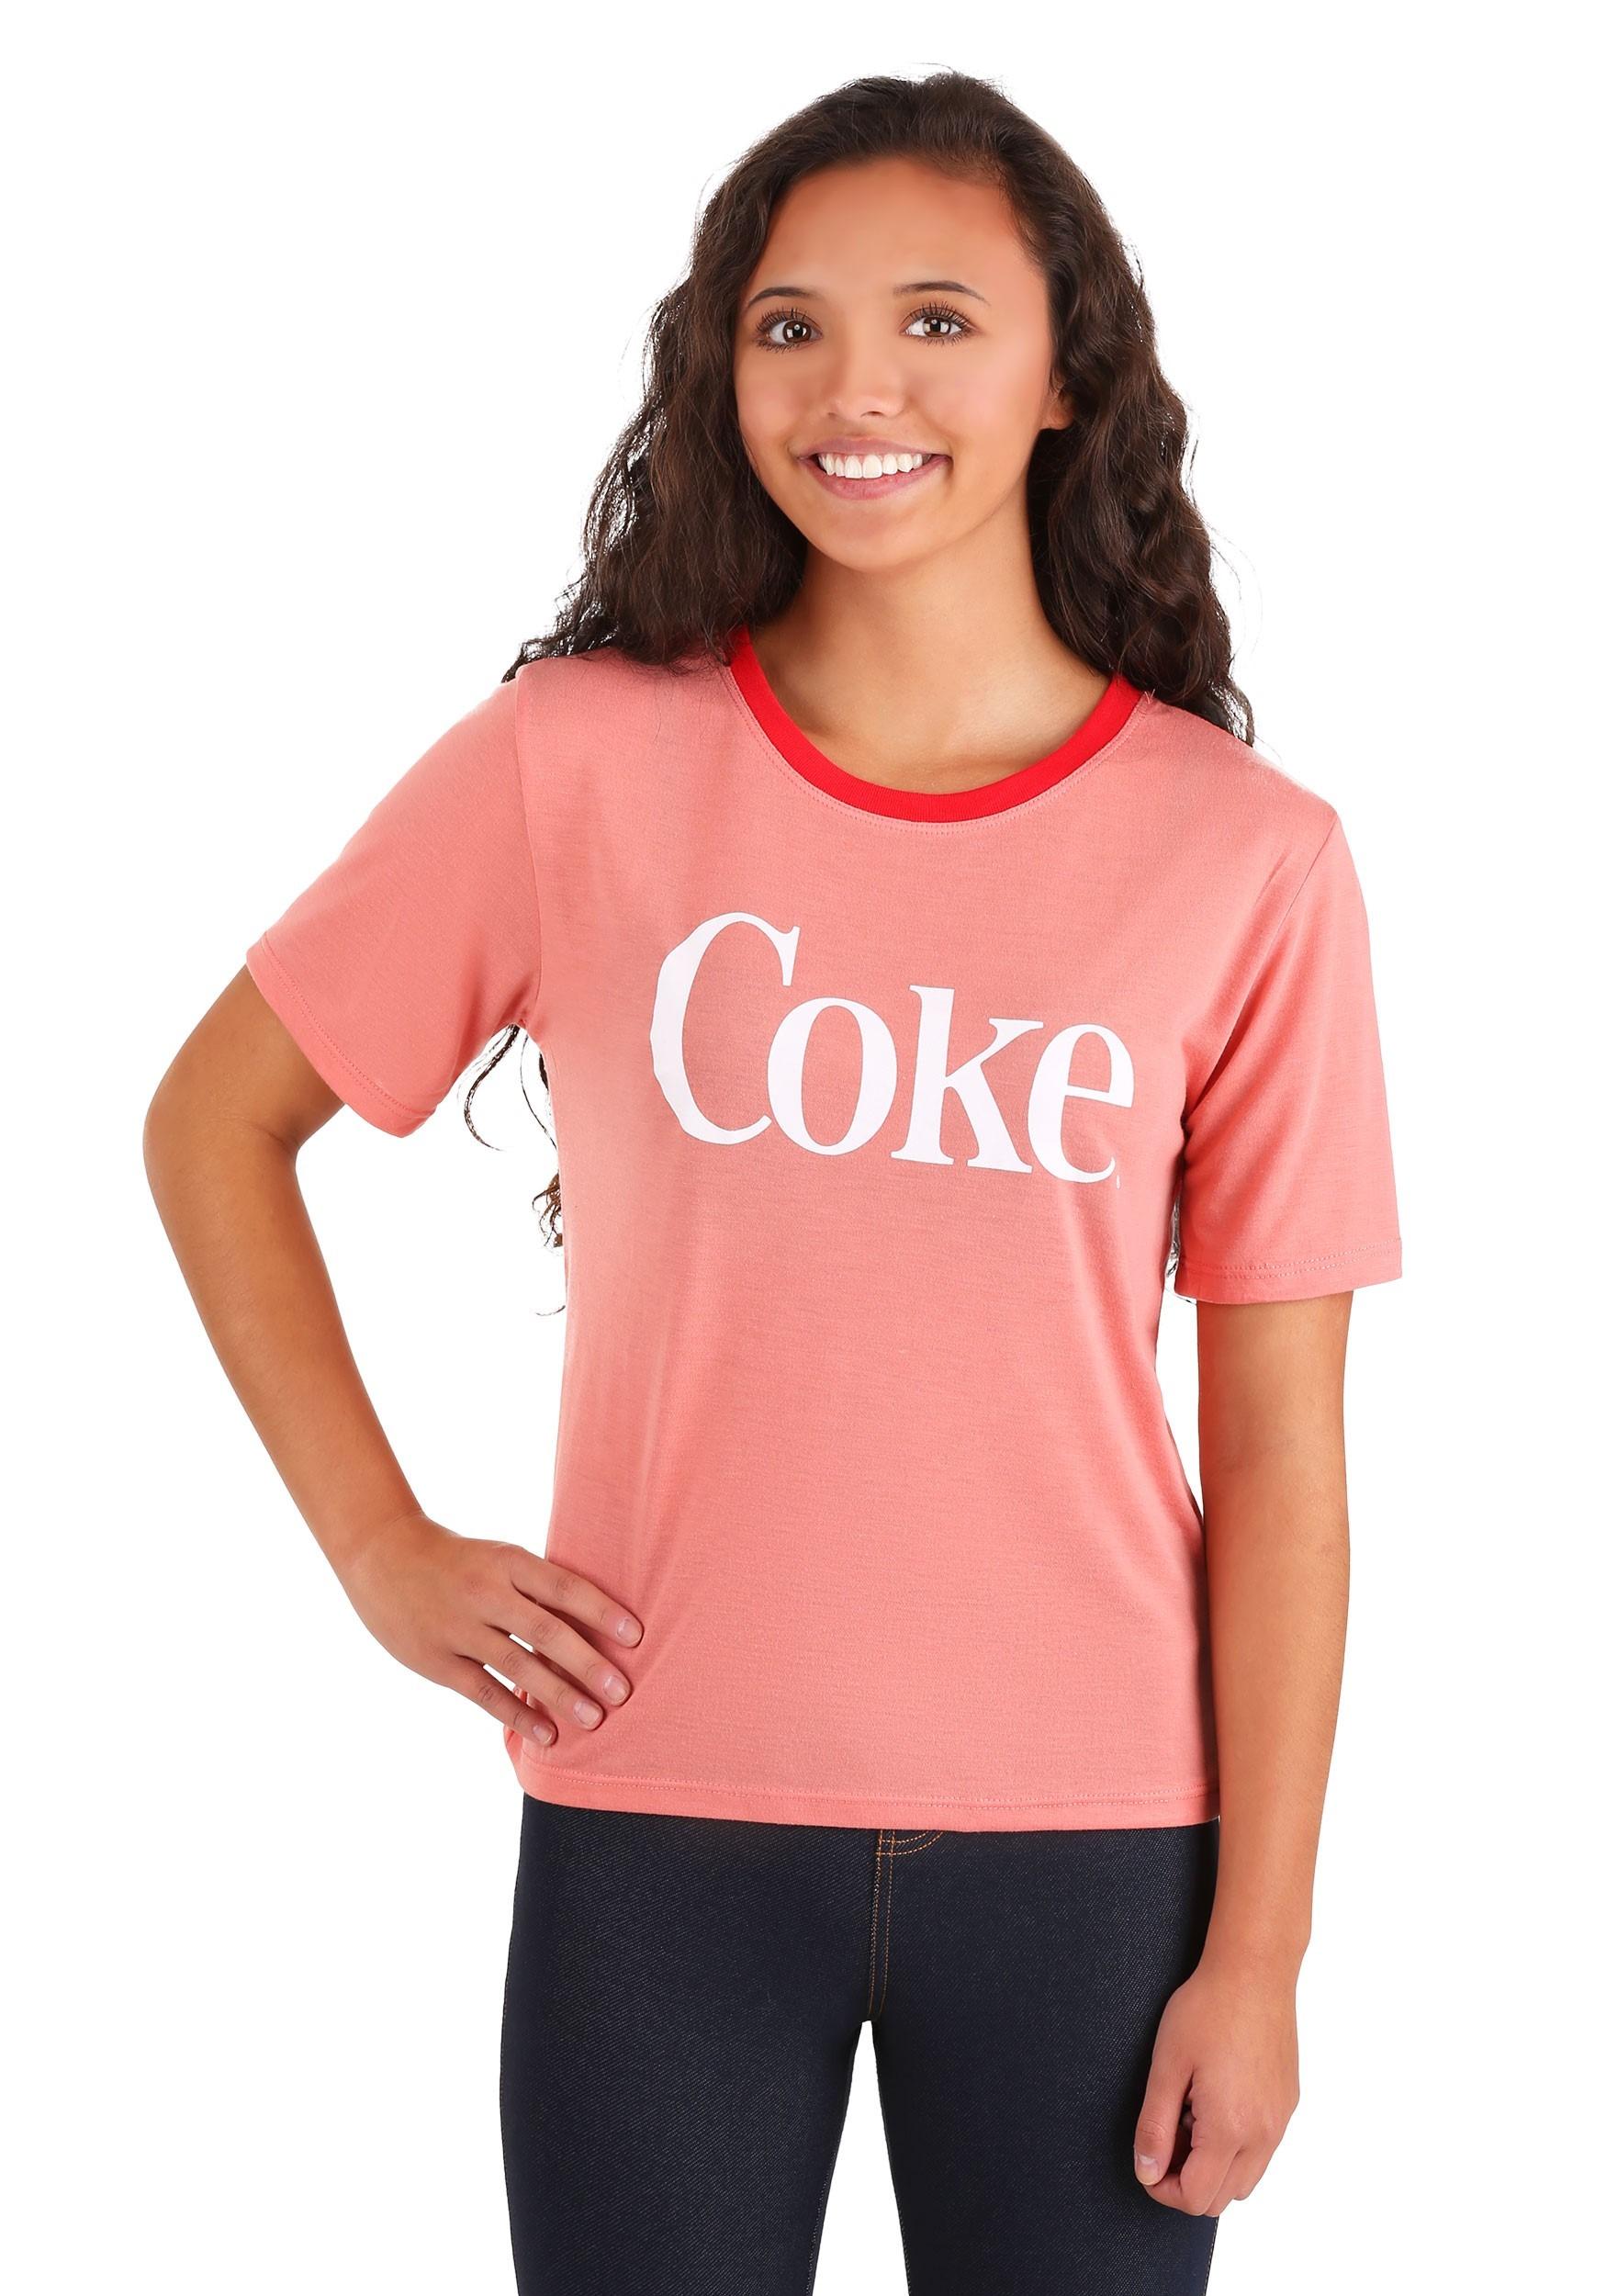 Enjoy Coke Red Contrast Neck Womens Tee